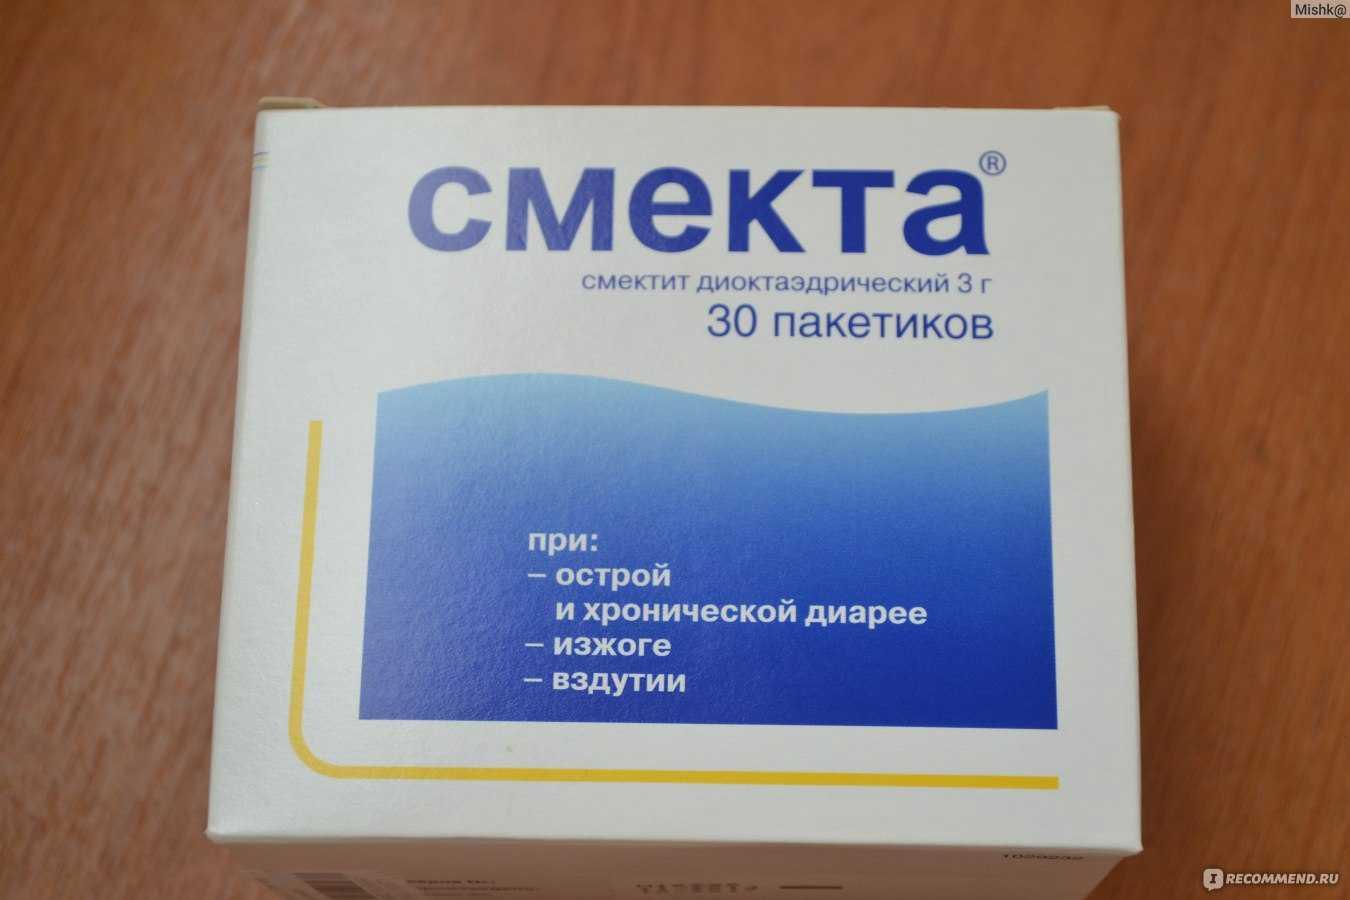 Смекта при беременности: инструкция по применению, можно ли принимать смекту на ранних сроках? / mama66.ru